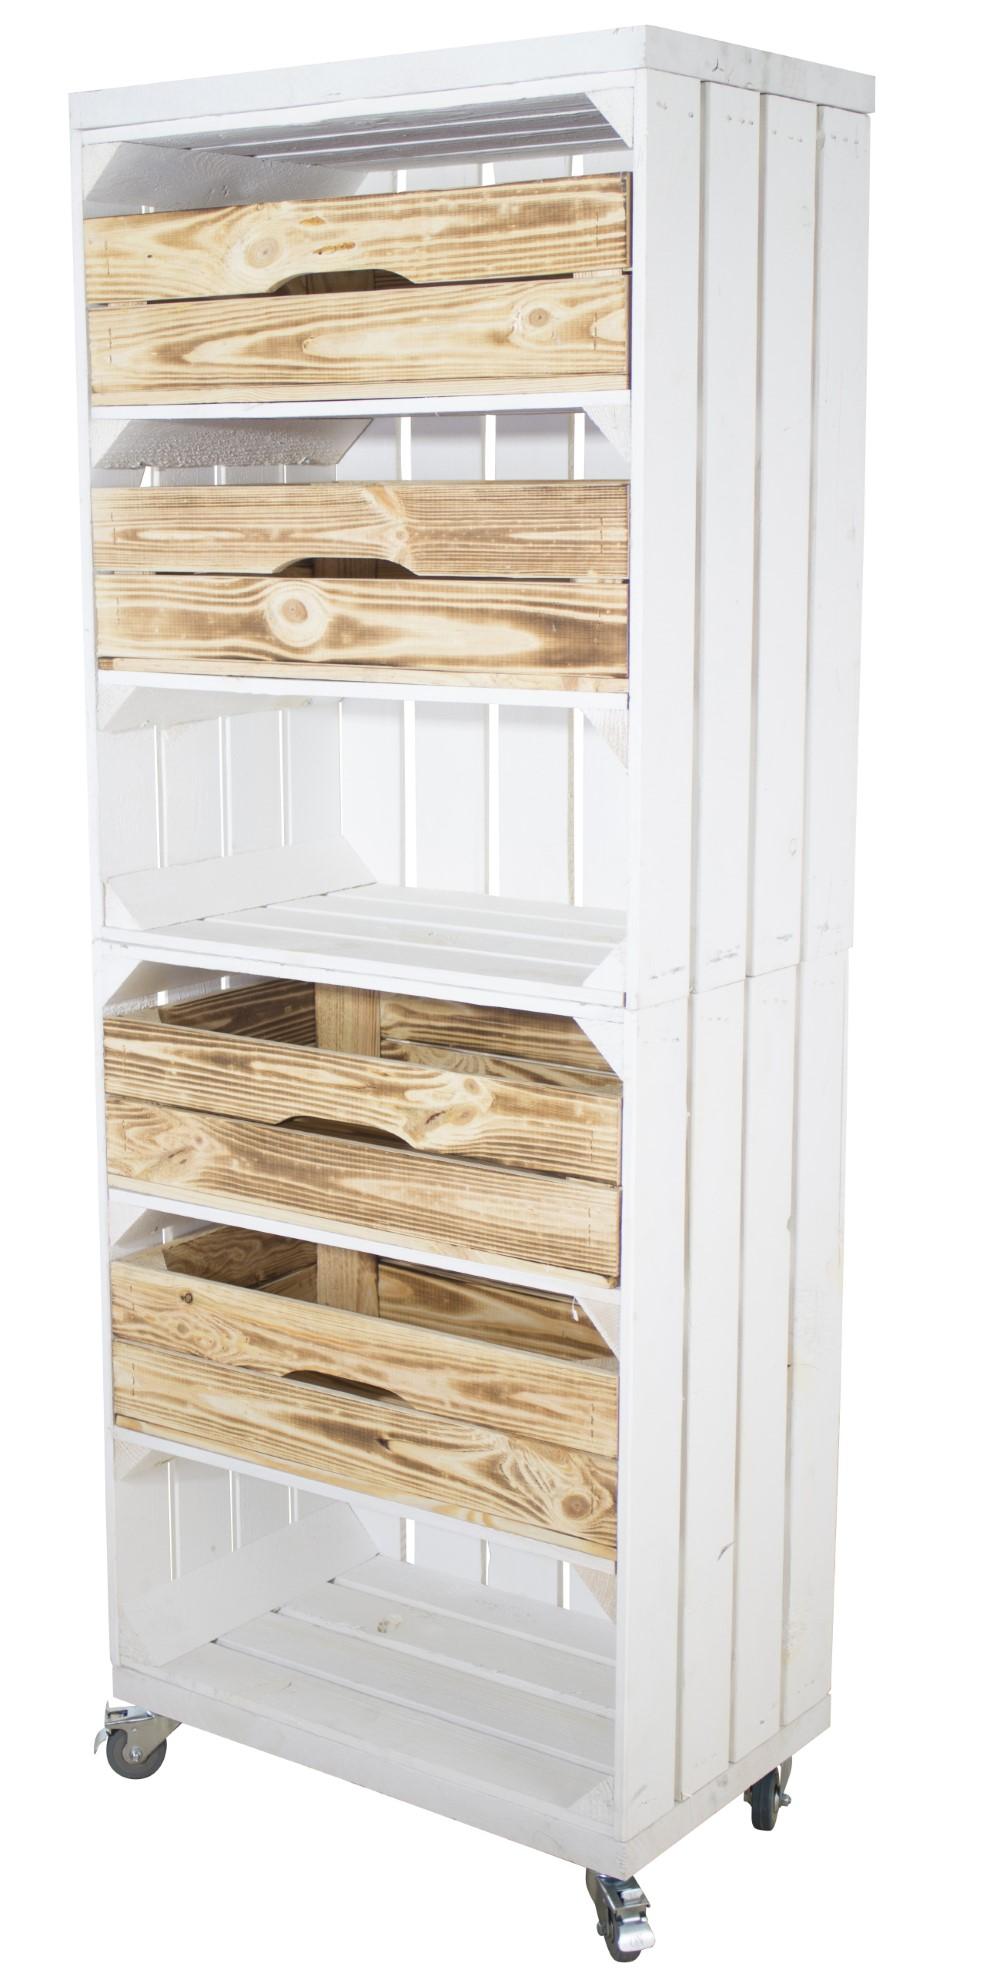 Regal aus 2 hohen weißen Kisten mit 4 geflammten Schubladen sowie 2 Bohlenbrettern, auf Rollen 135x50x30cm